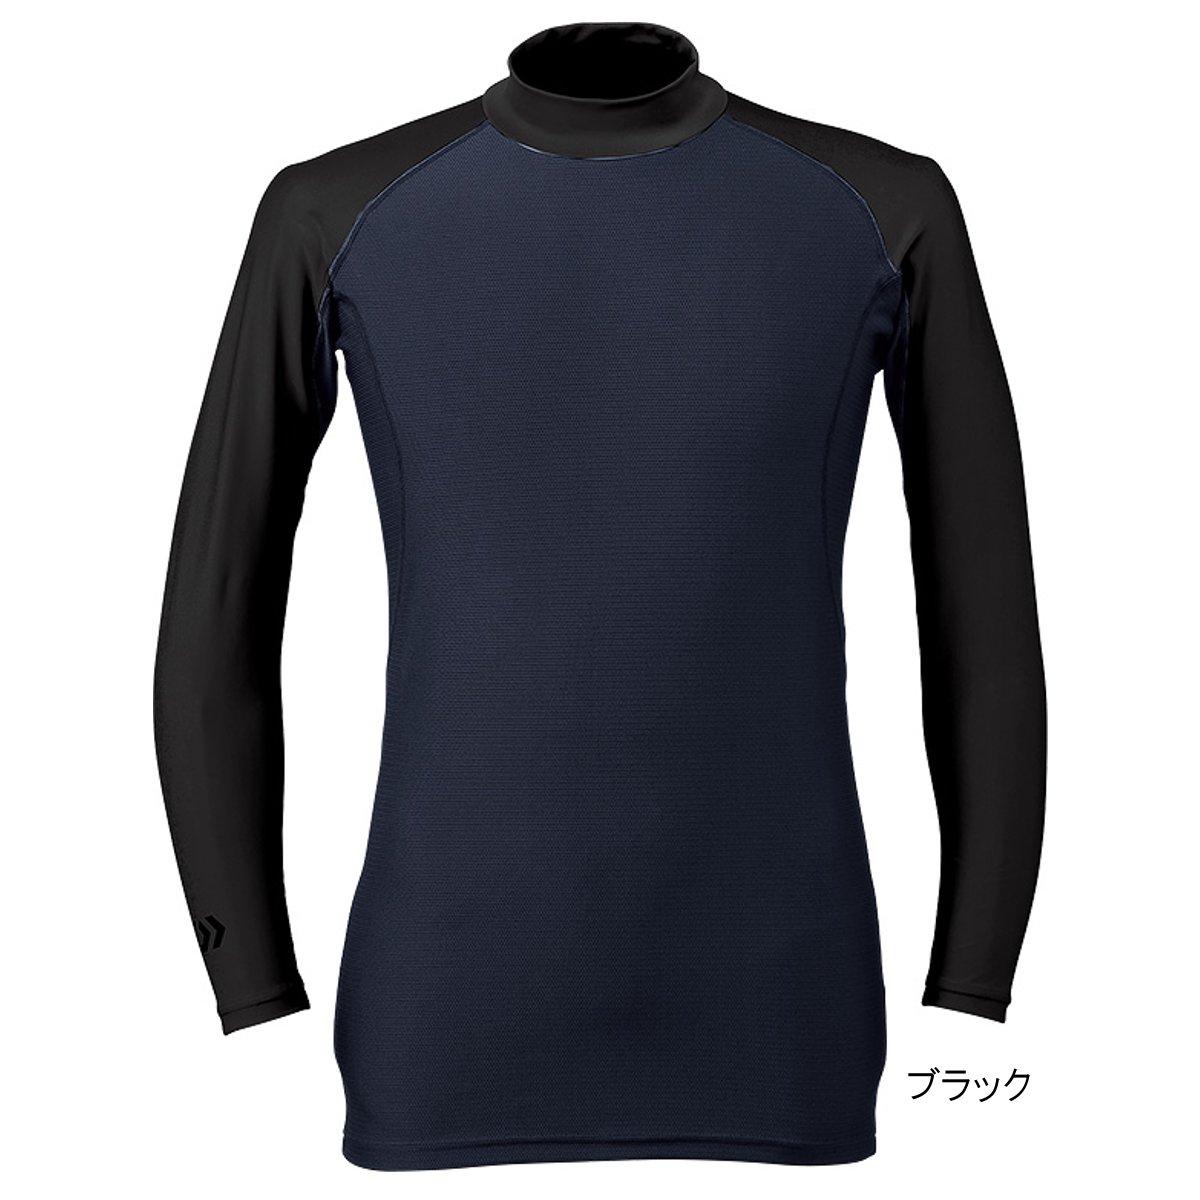 ダイワ UVカット クールアンダーシャツ(ミドルネック) DU-60009S WM ブラック(東日本店)